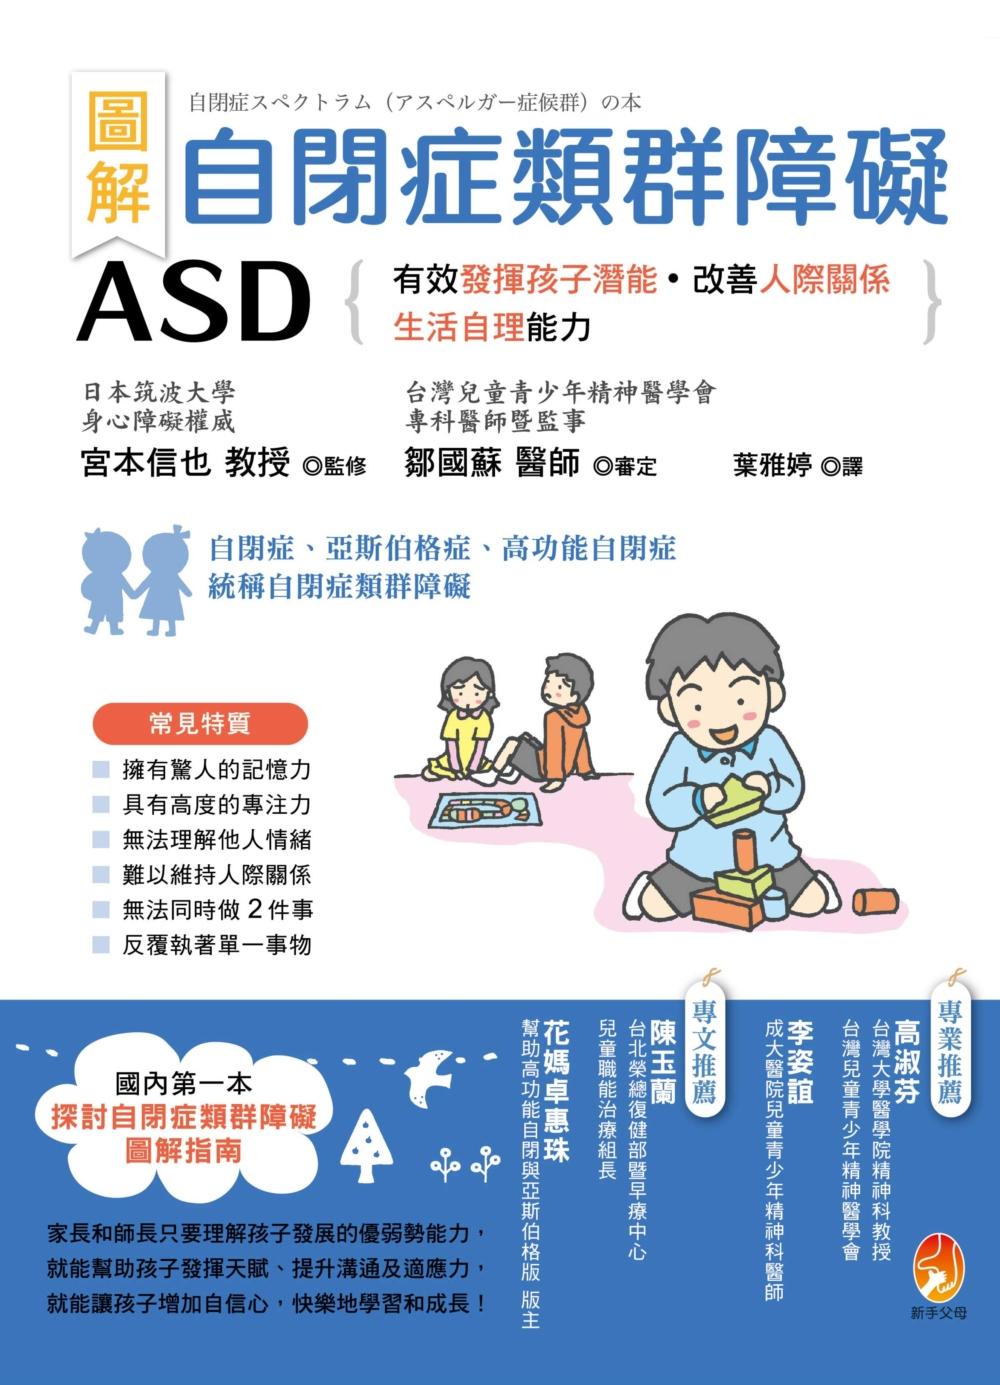 图解 自闭症类群障碍ASD:有效发挥孩子潜能、改善人际关系及生活自理能力